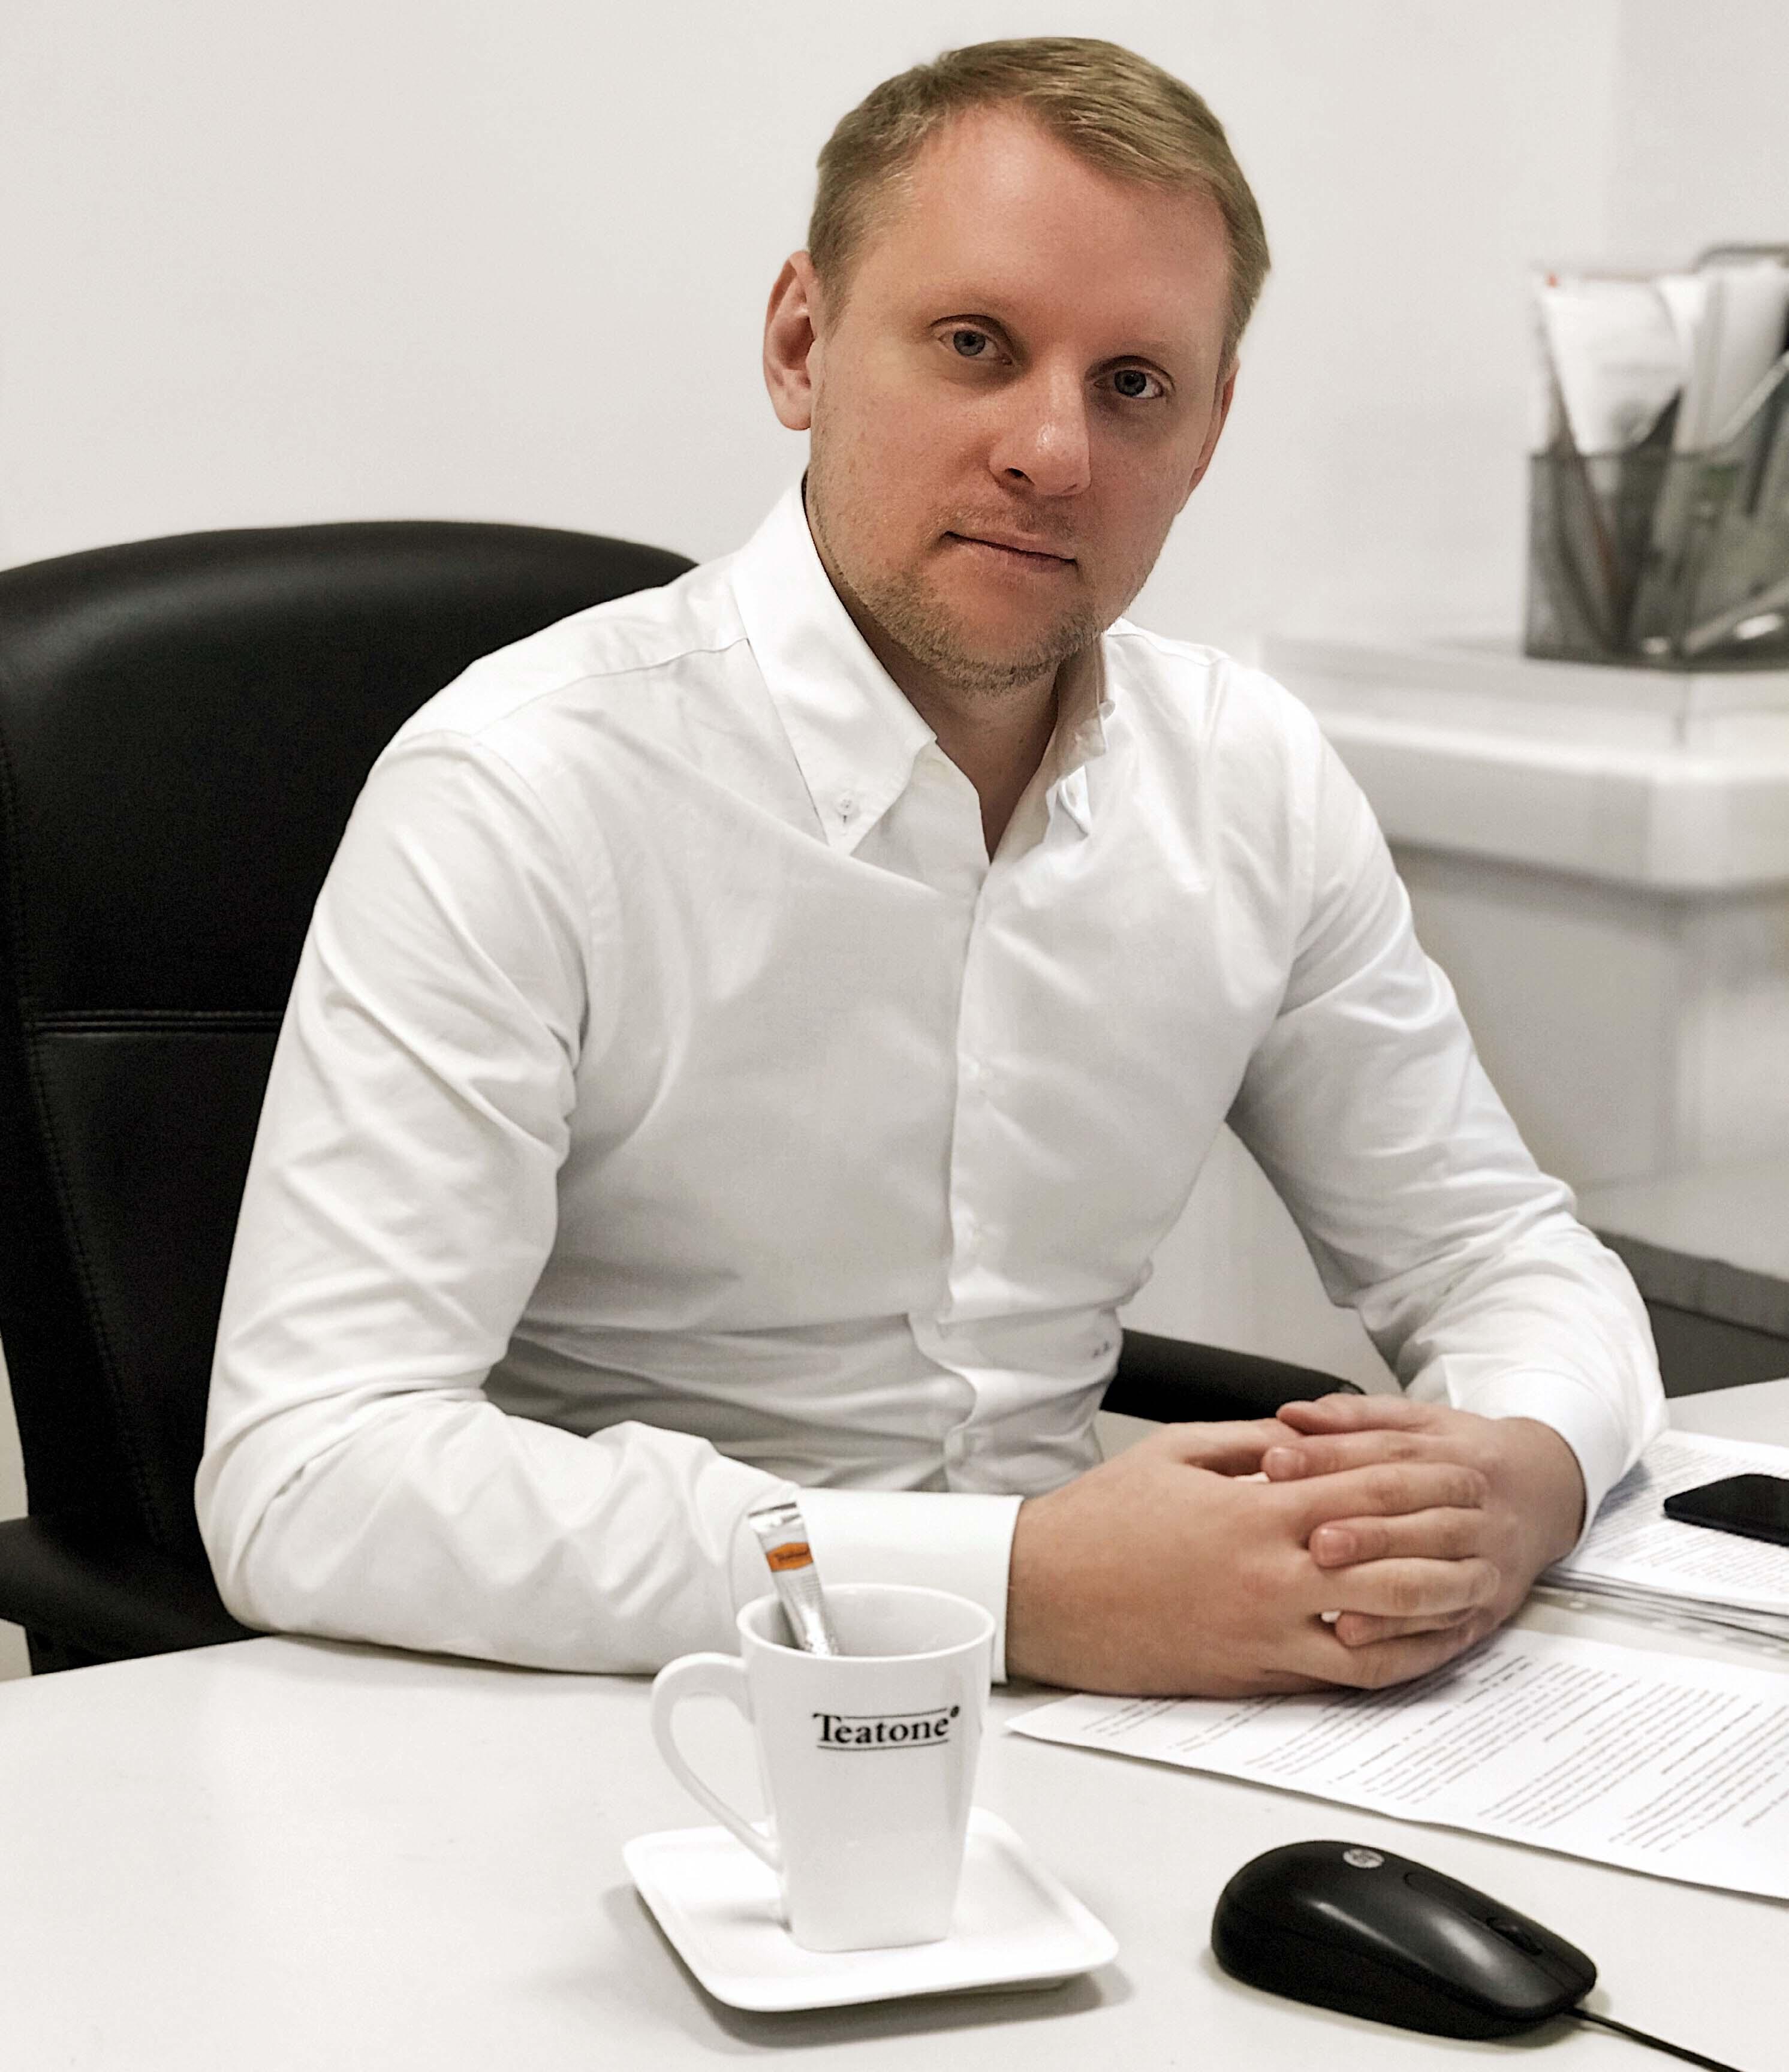 Интервью с Антоном Боровиковым — «Teatone от классики до инноваций»